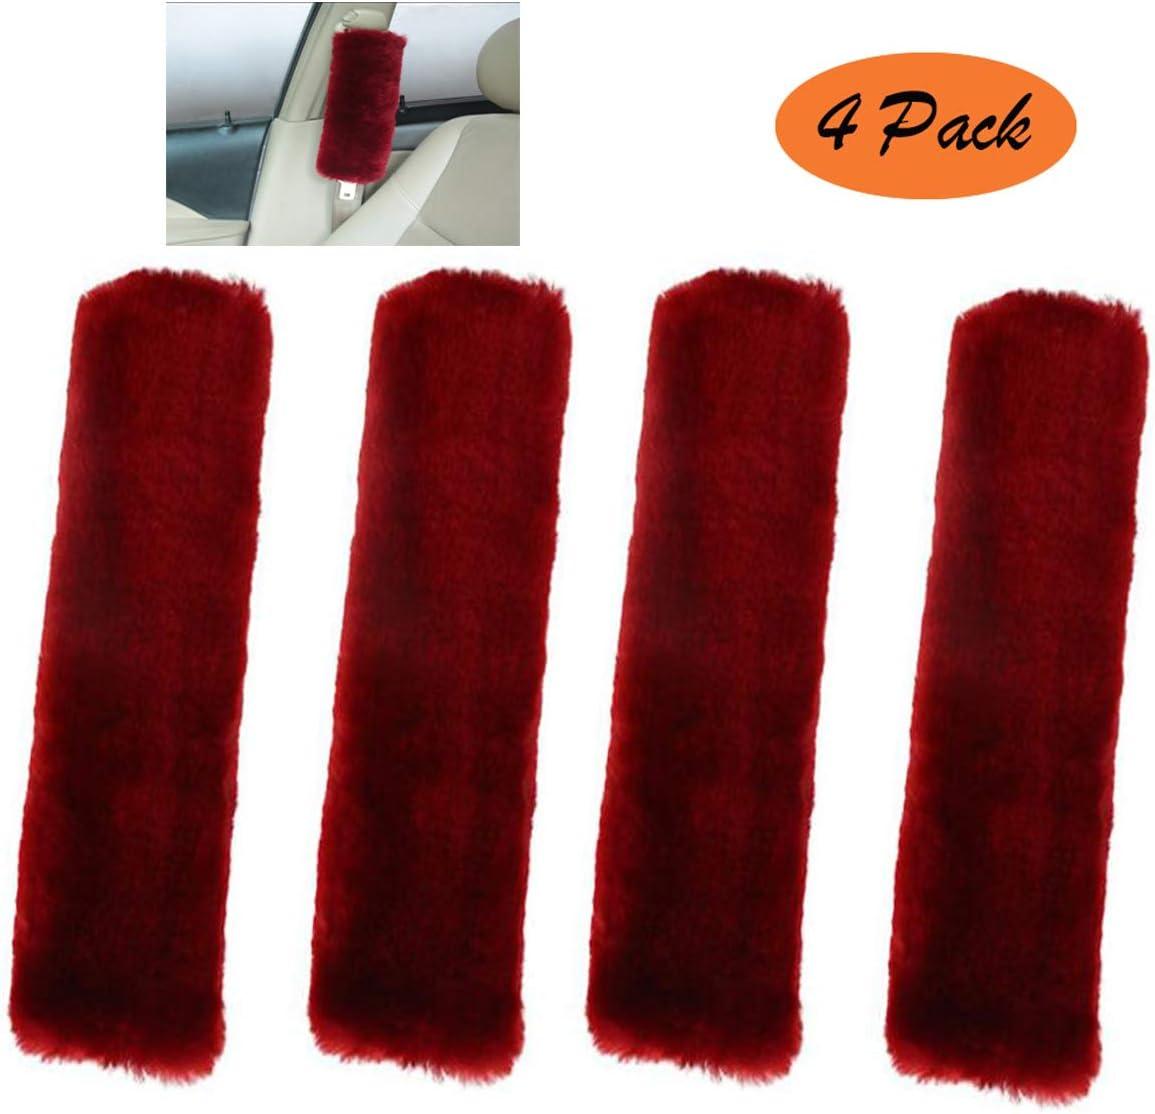 Black GIJITIF 4 Pack Car Seat Belt Pads Shoulder Cover with Velcro Adjustable Baby Safety Belt Protector Soft Faux Wool Plush Shoulder Strap